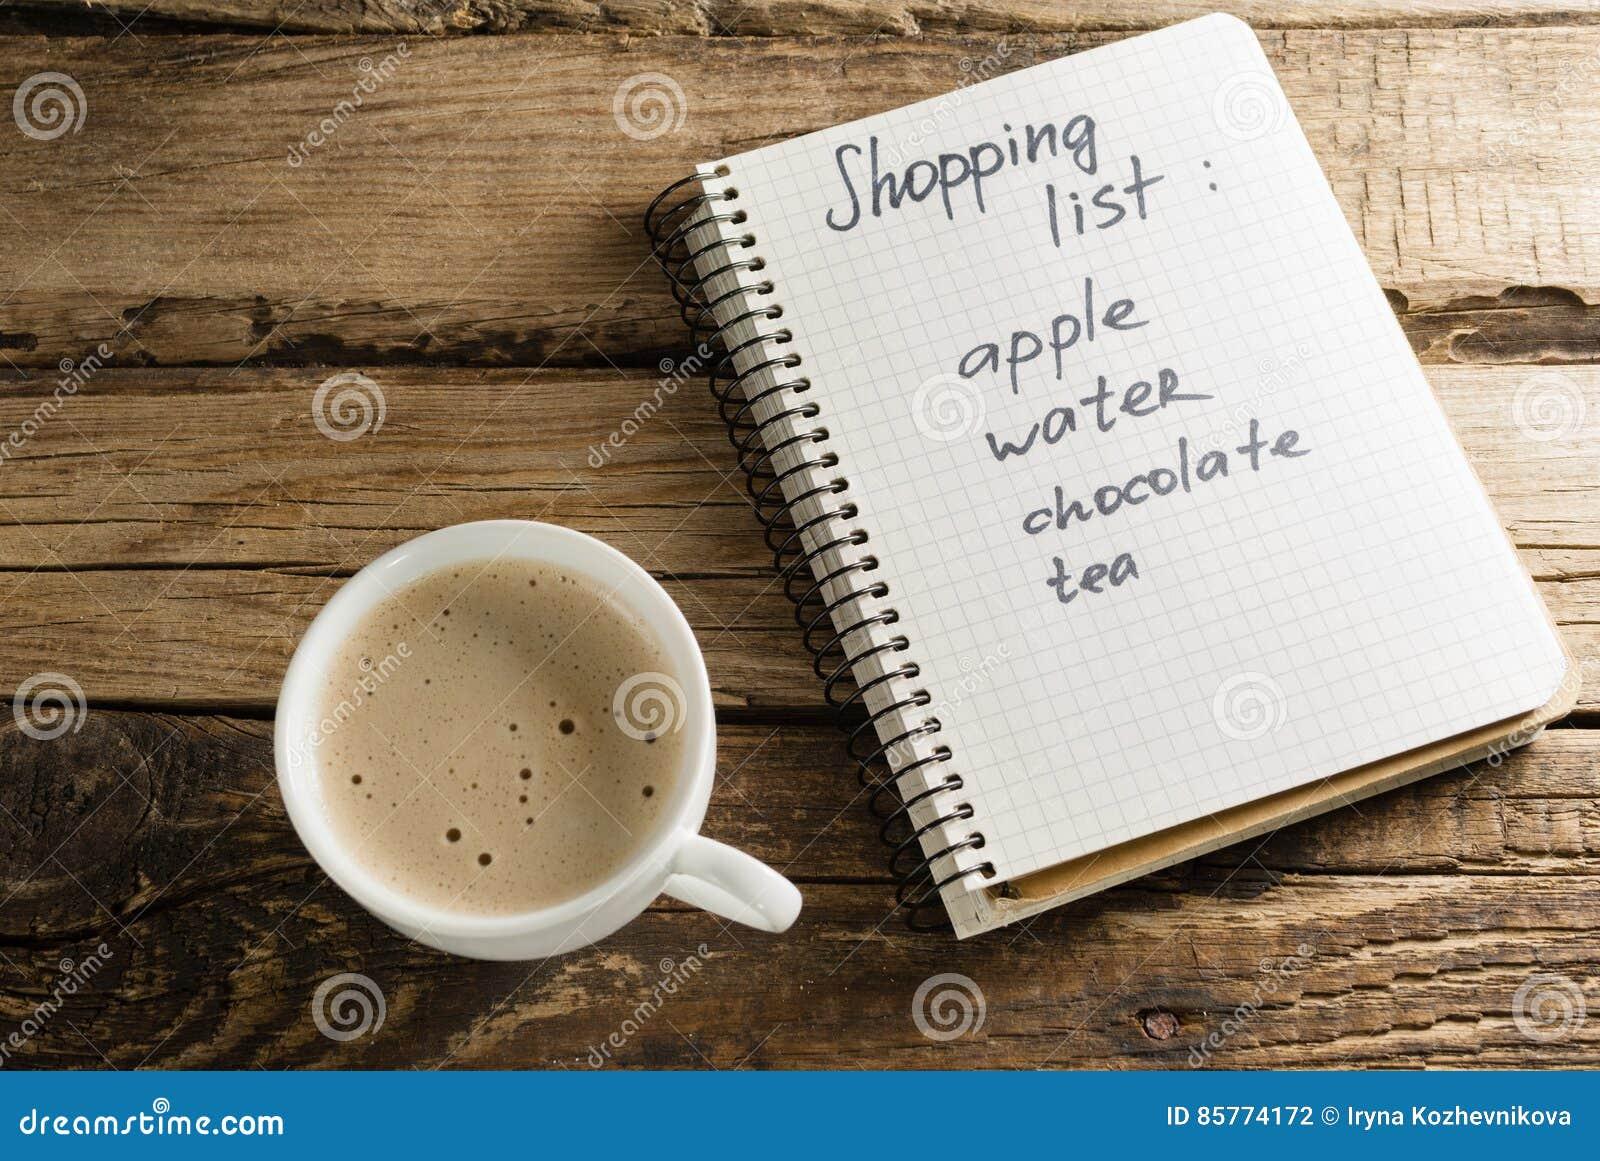 Καφές και ημερολόγιο σημειωματάρια Μια σημείωση Κατάλογος αγορών